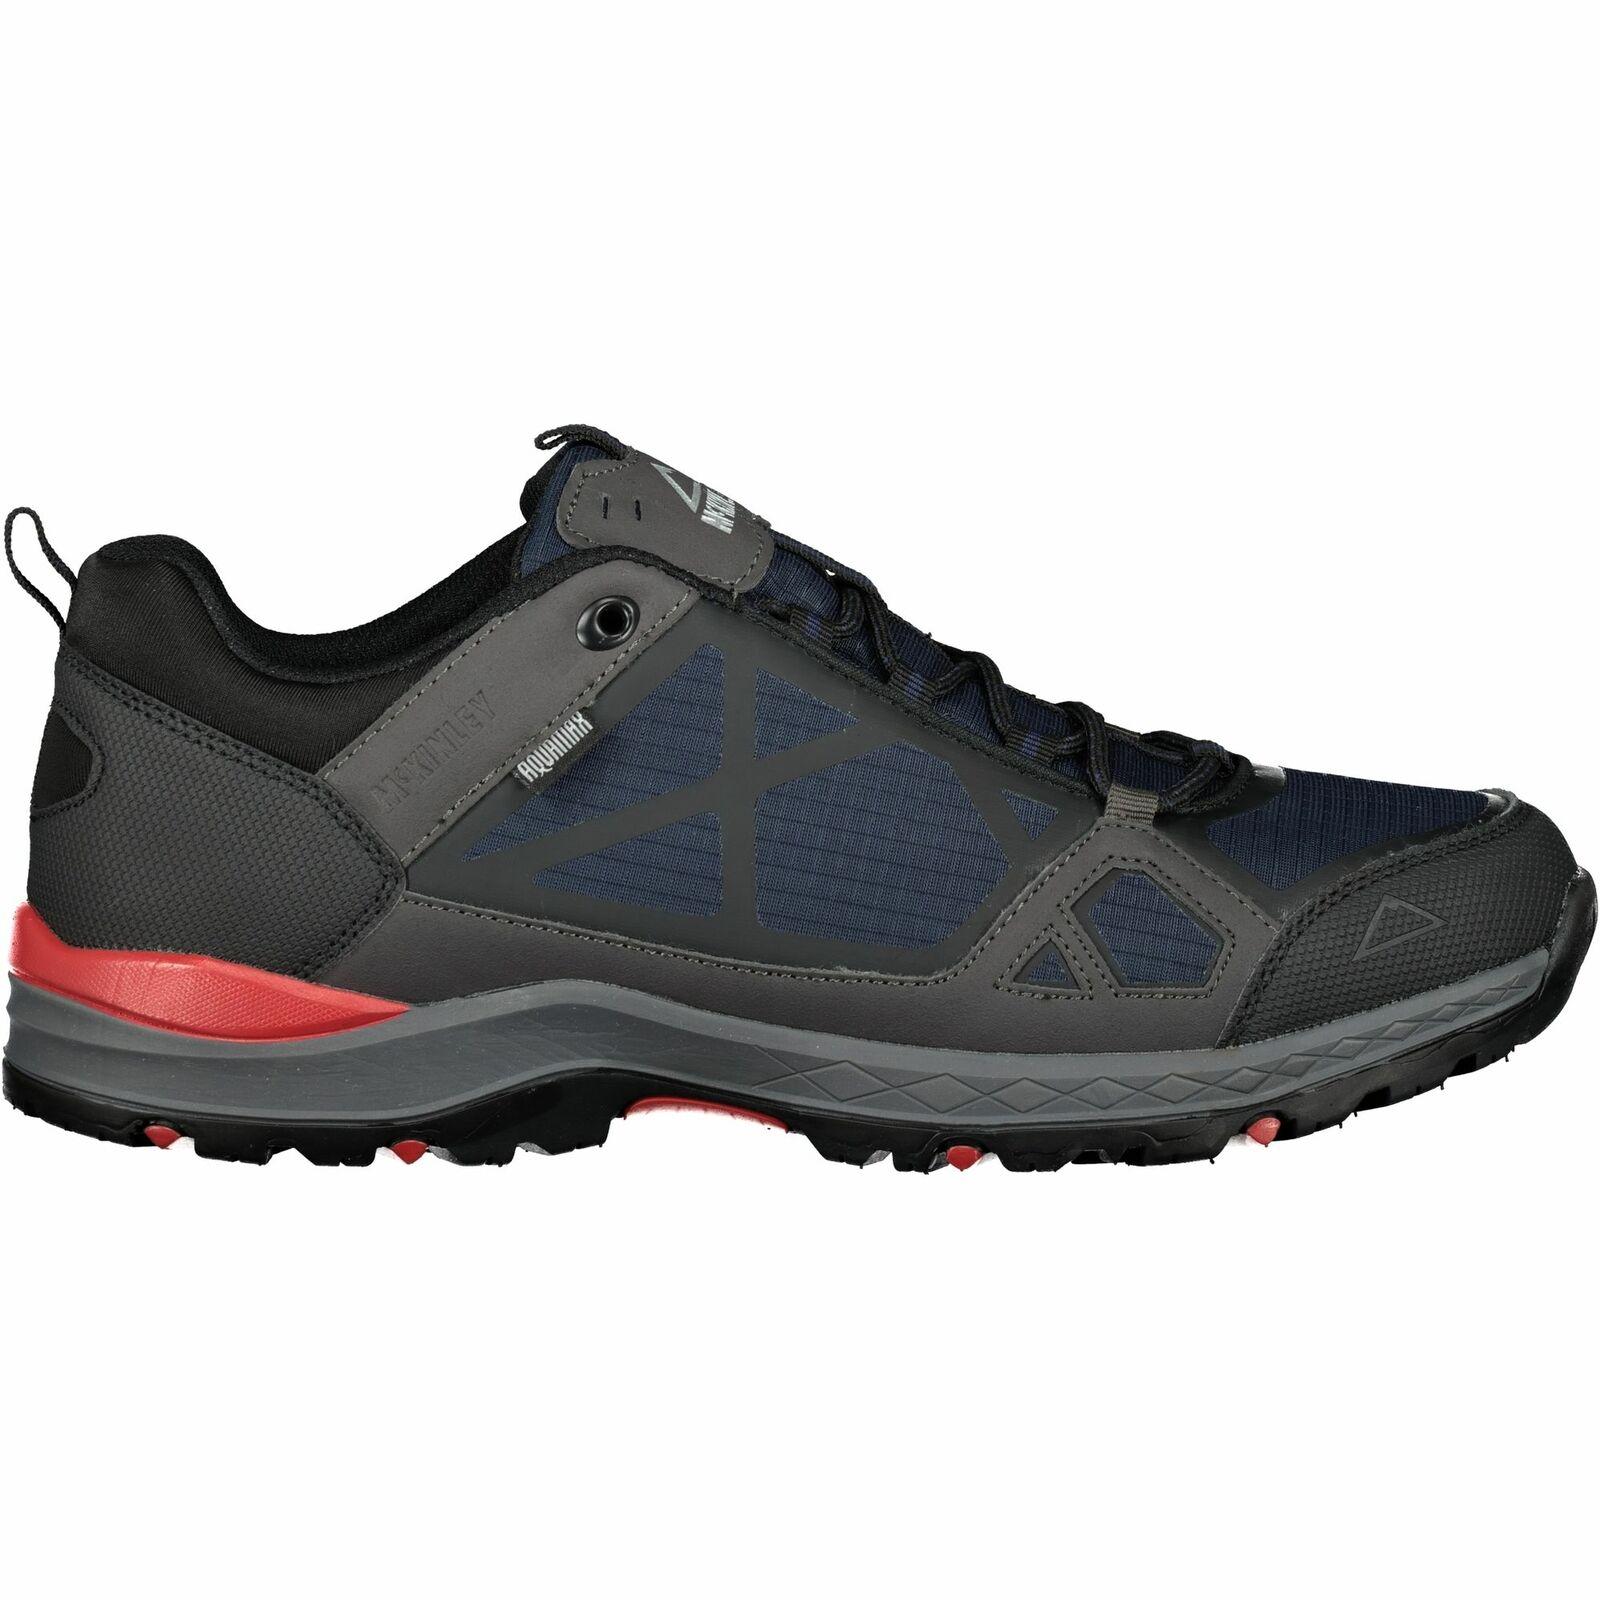 McKinley Kona III AQX Herren Multifunktionsschuhe Outdoor Schuhe